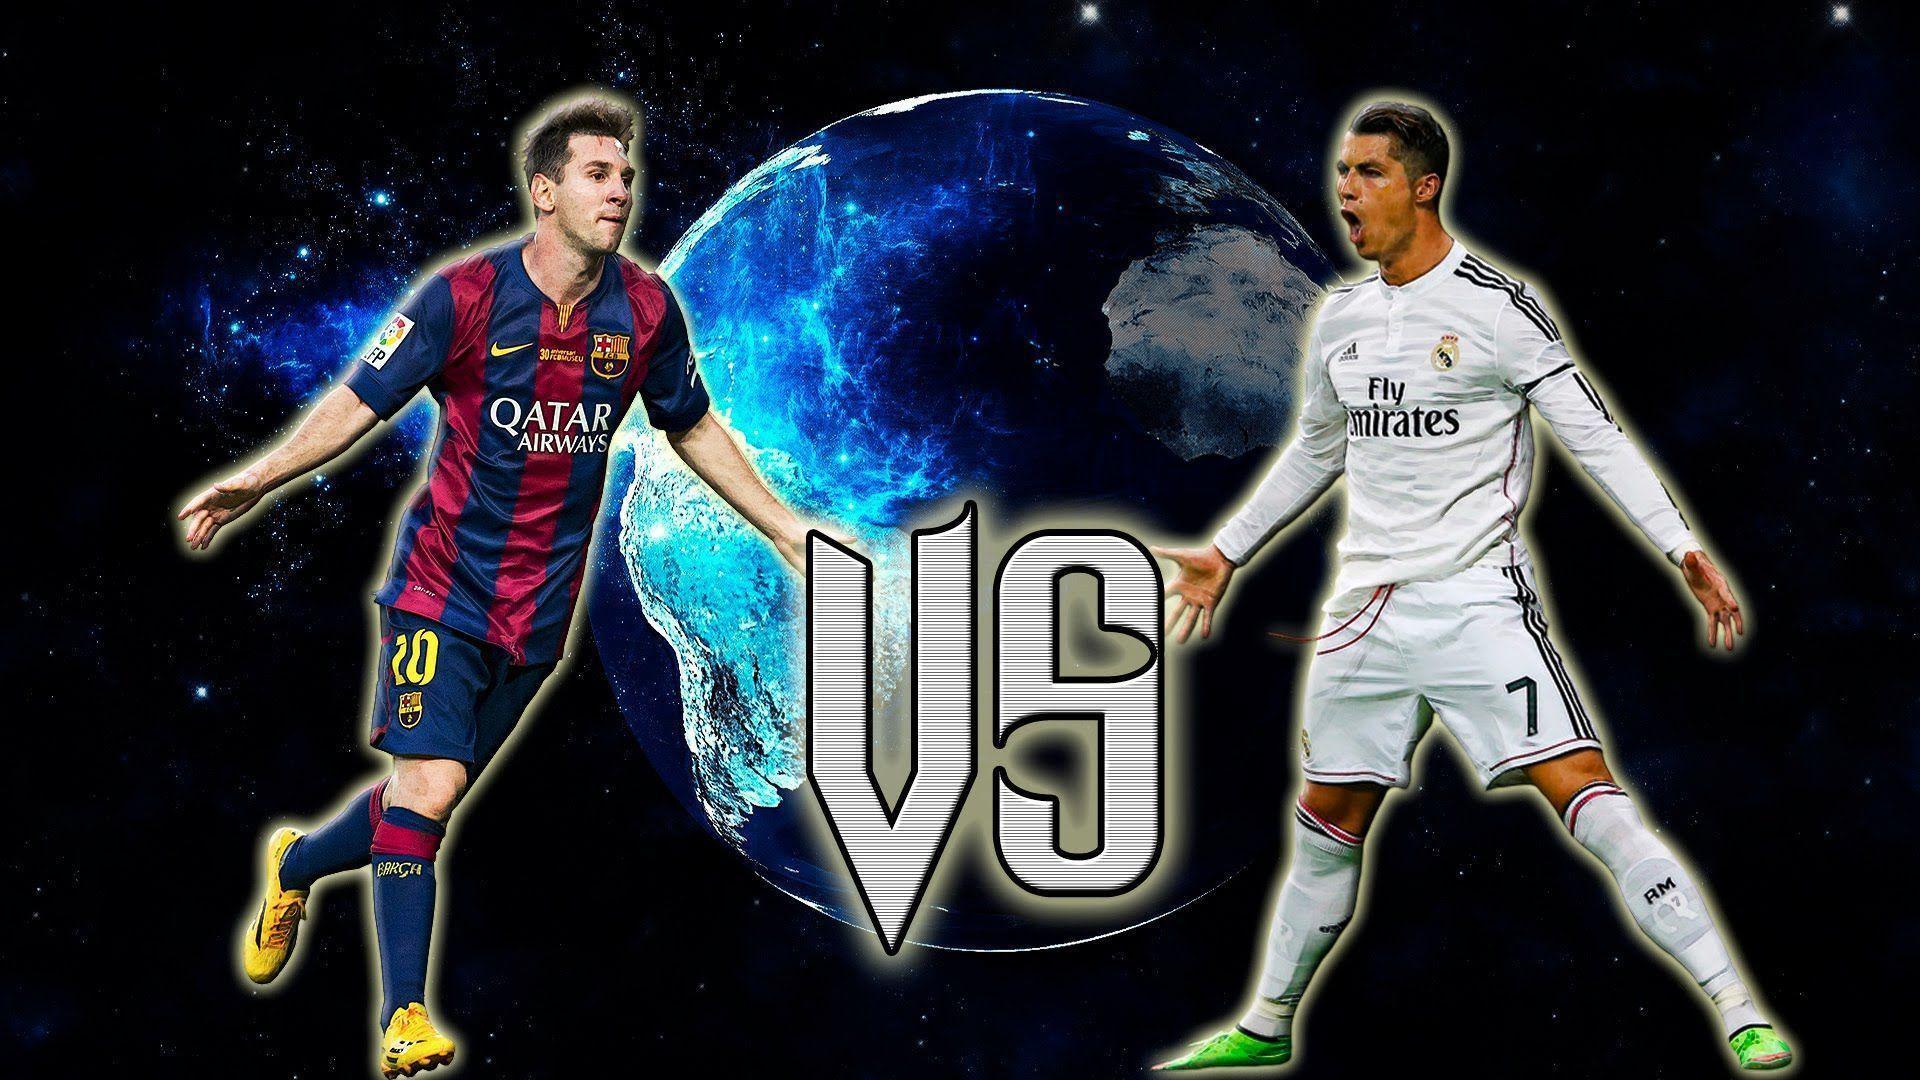 Cristiano Ronaldo Vs Lionel Messi 2016 Wallpapers Wallpaper Cave